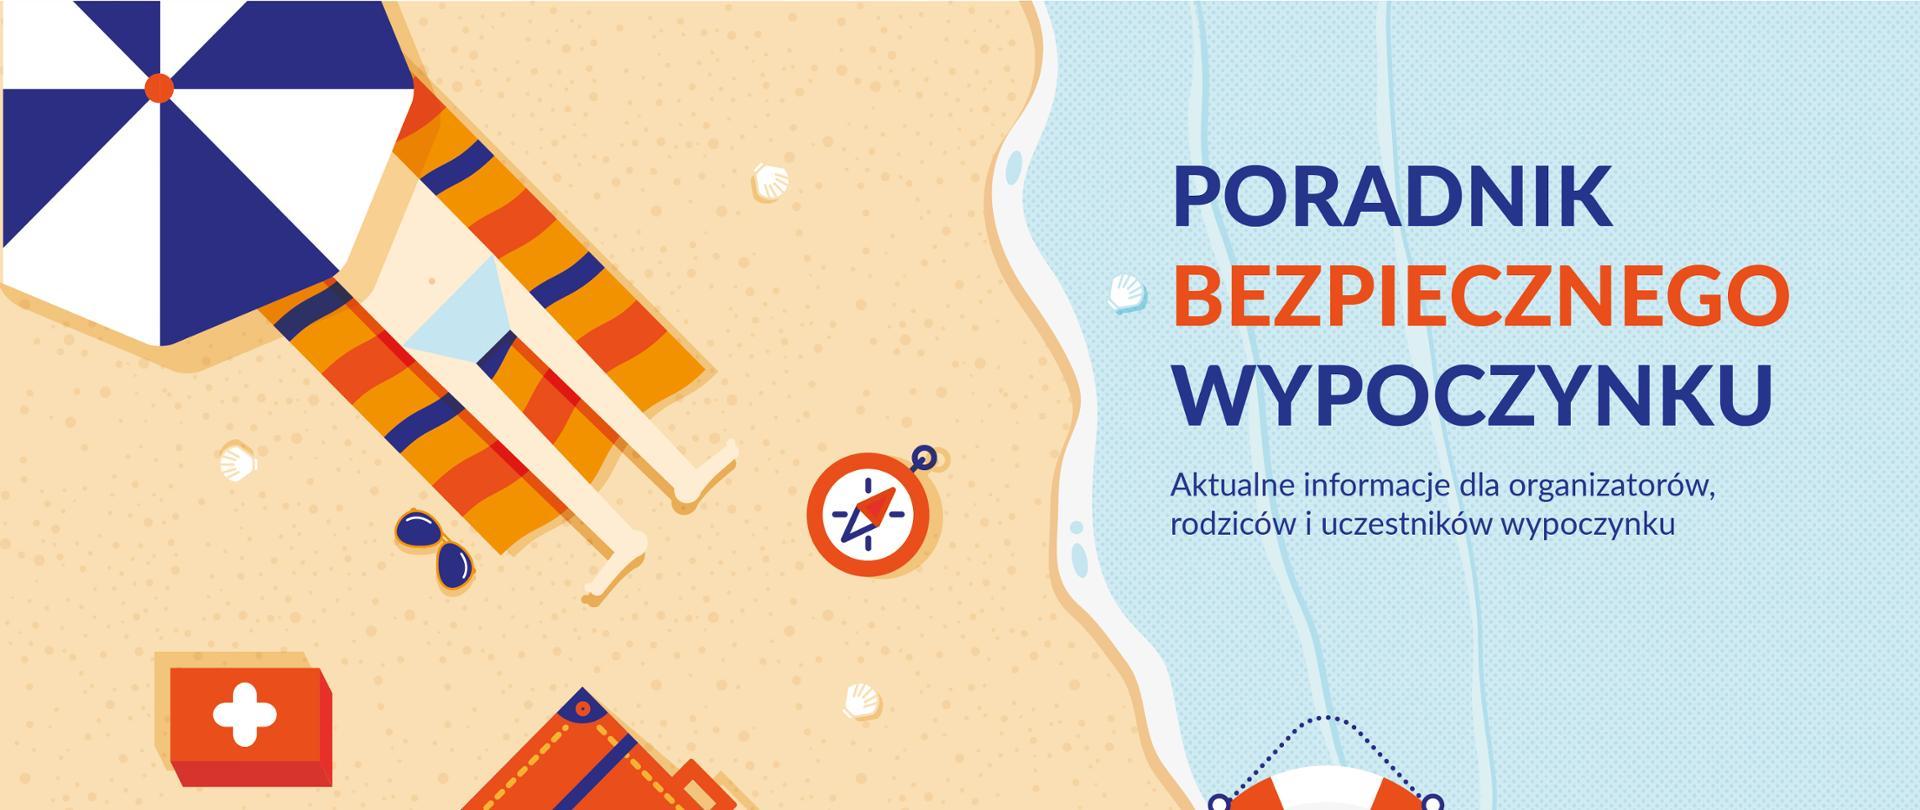 """Kolorowa grafika z plażą i wodą oraz napisem """"Poradnik bezpiecznego wypoczynku. Aktualne informacje dla organizatorów, rodziców i uczestników wypoczynku"""""""